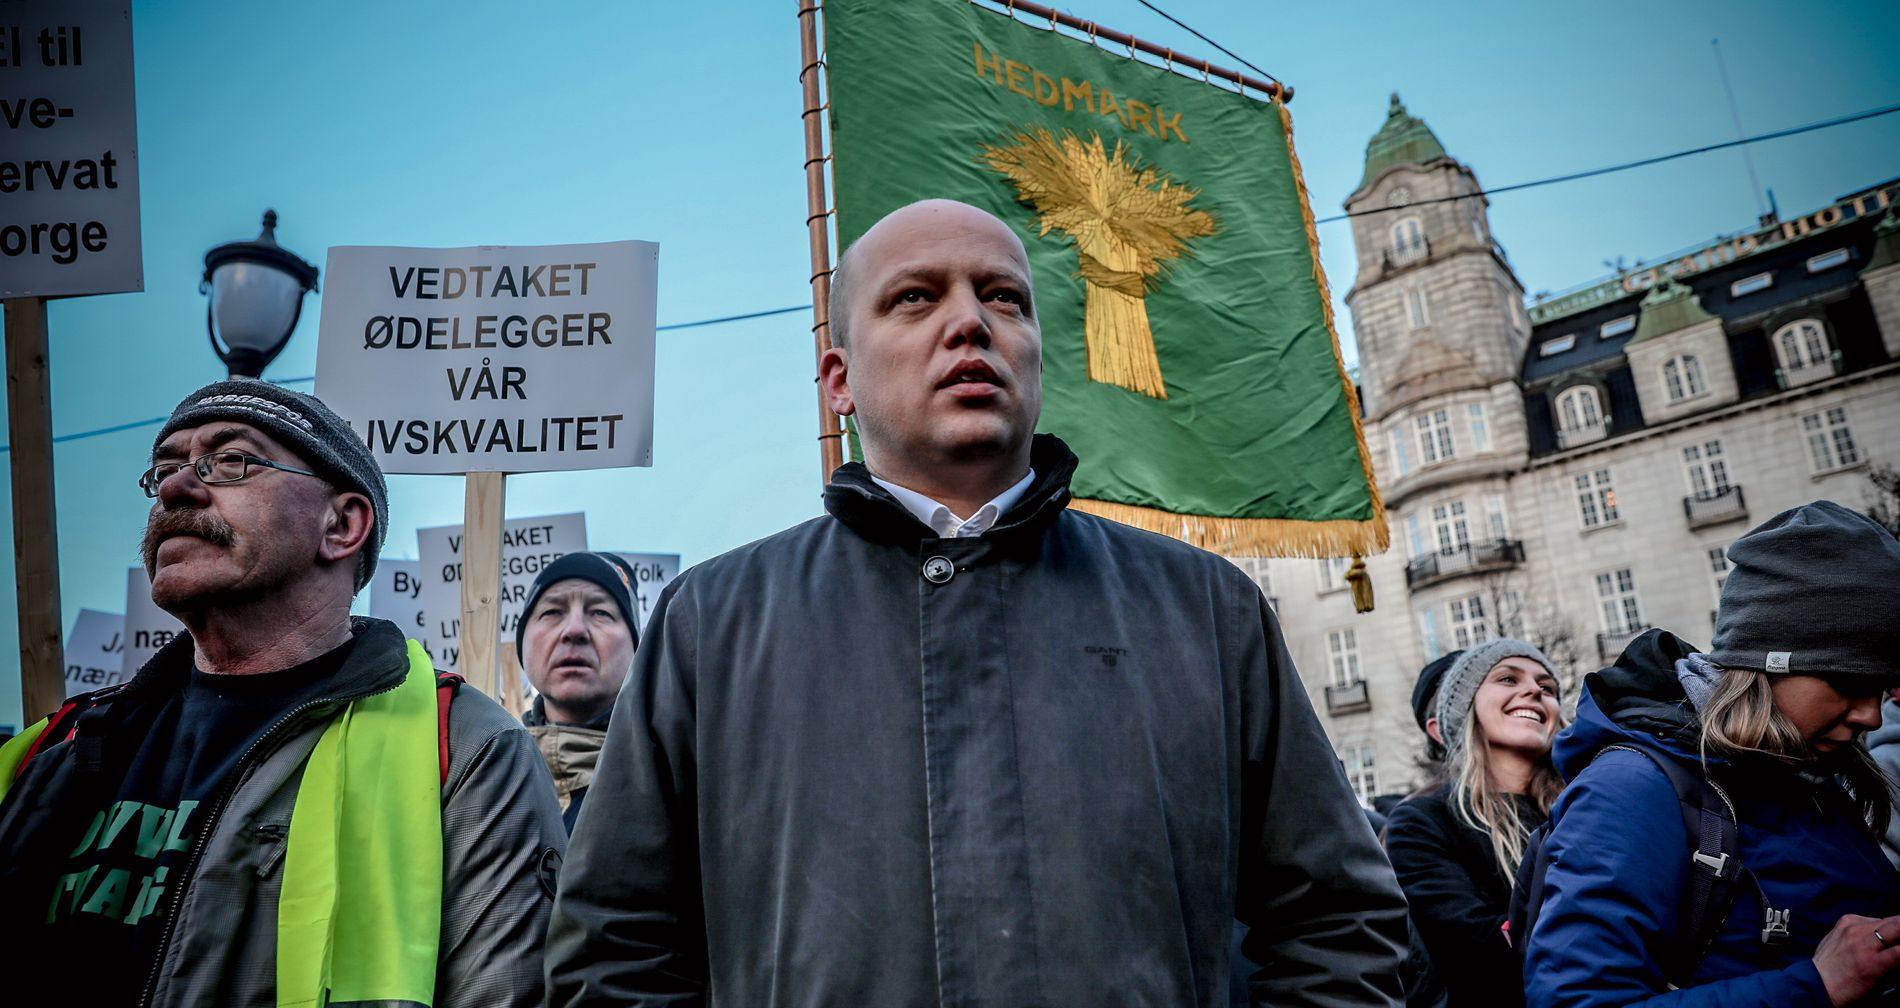 IKKE FORNØYD: Sp-leder og tidligere landbruksminister Trygve Slagsvold Vedum stilte skulder ved skulder med demonstrantene mot regjeringens ulvebeslutning på Eidsvolls plass onsdag.